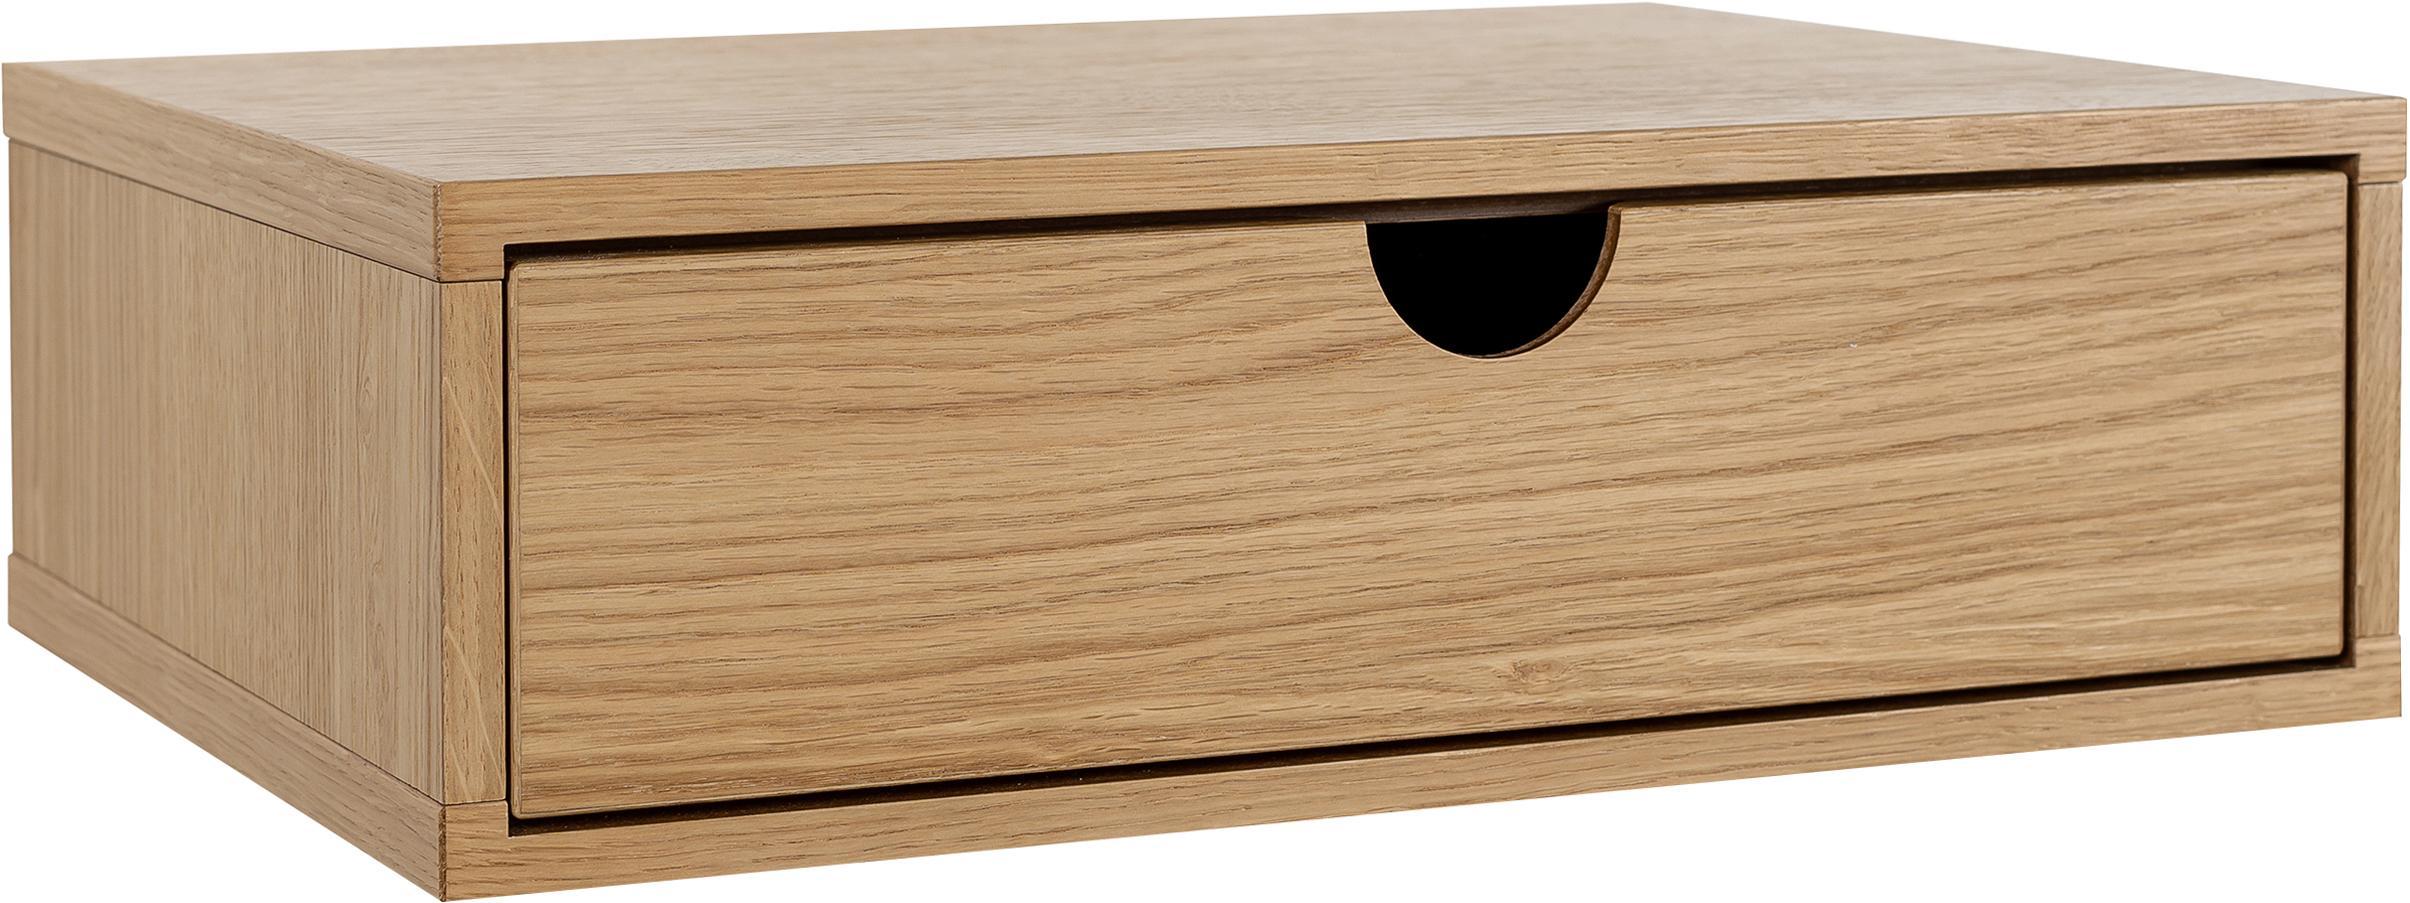 Mesilla de noche de pared Farsta, Tablero de fibras de densidad media (MDF) chapado en madera de roble, Roble, An 40 x Al 15 cm